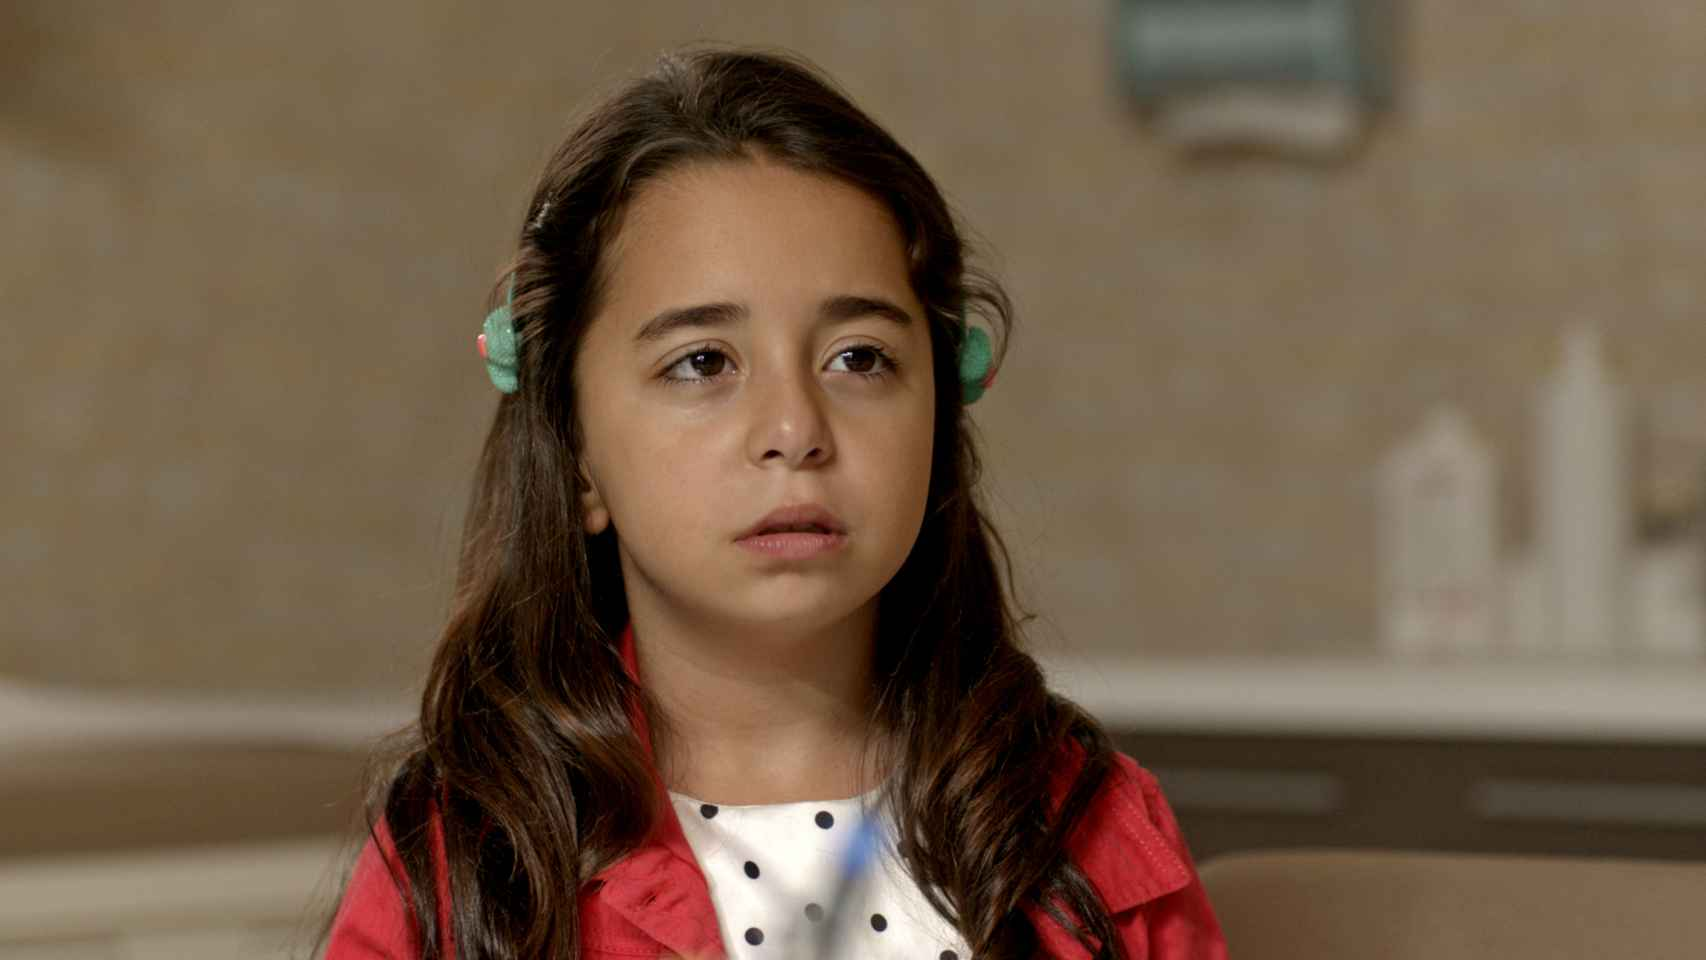 El secreto de Öykü, al descubierto en el nuevo capítulo de 'Mi hija'